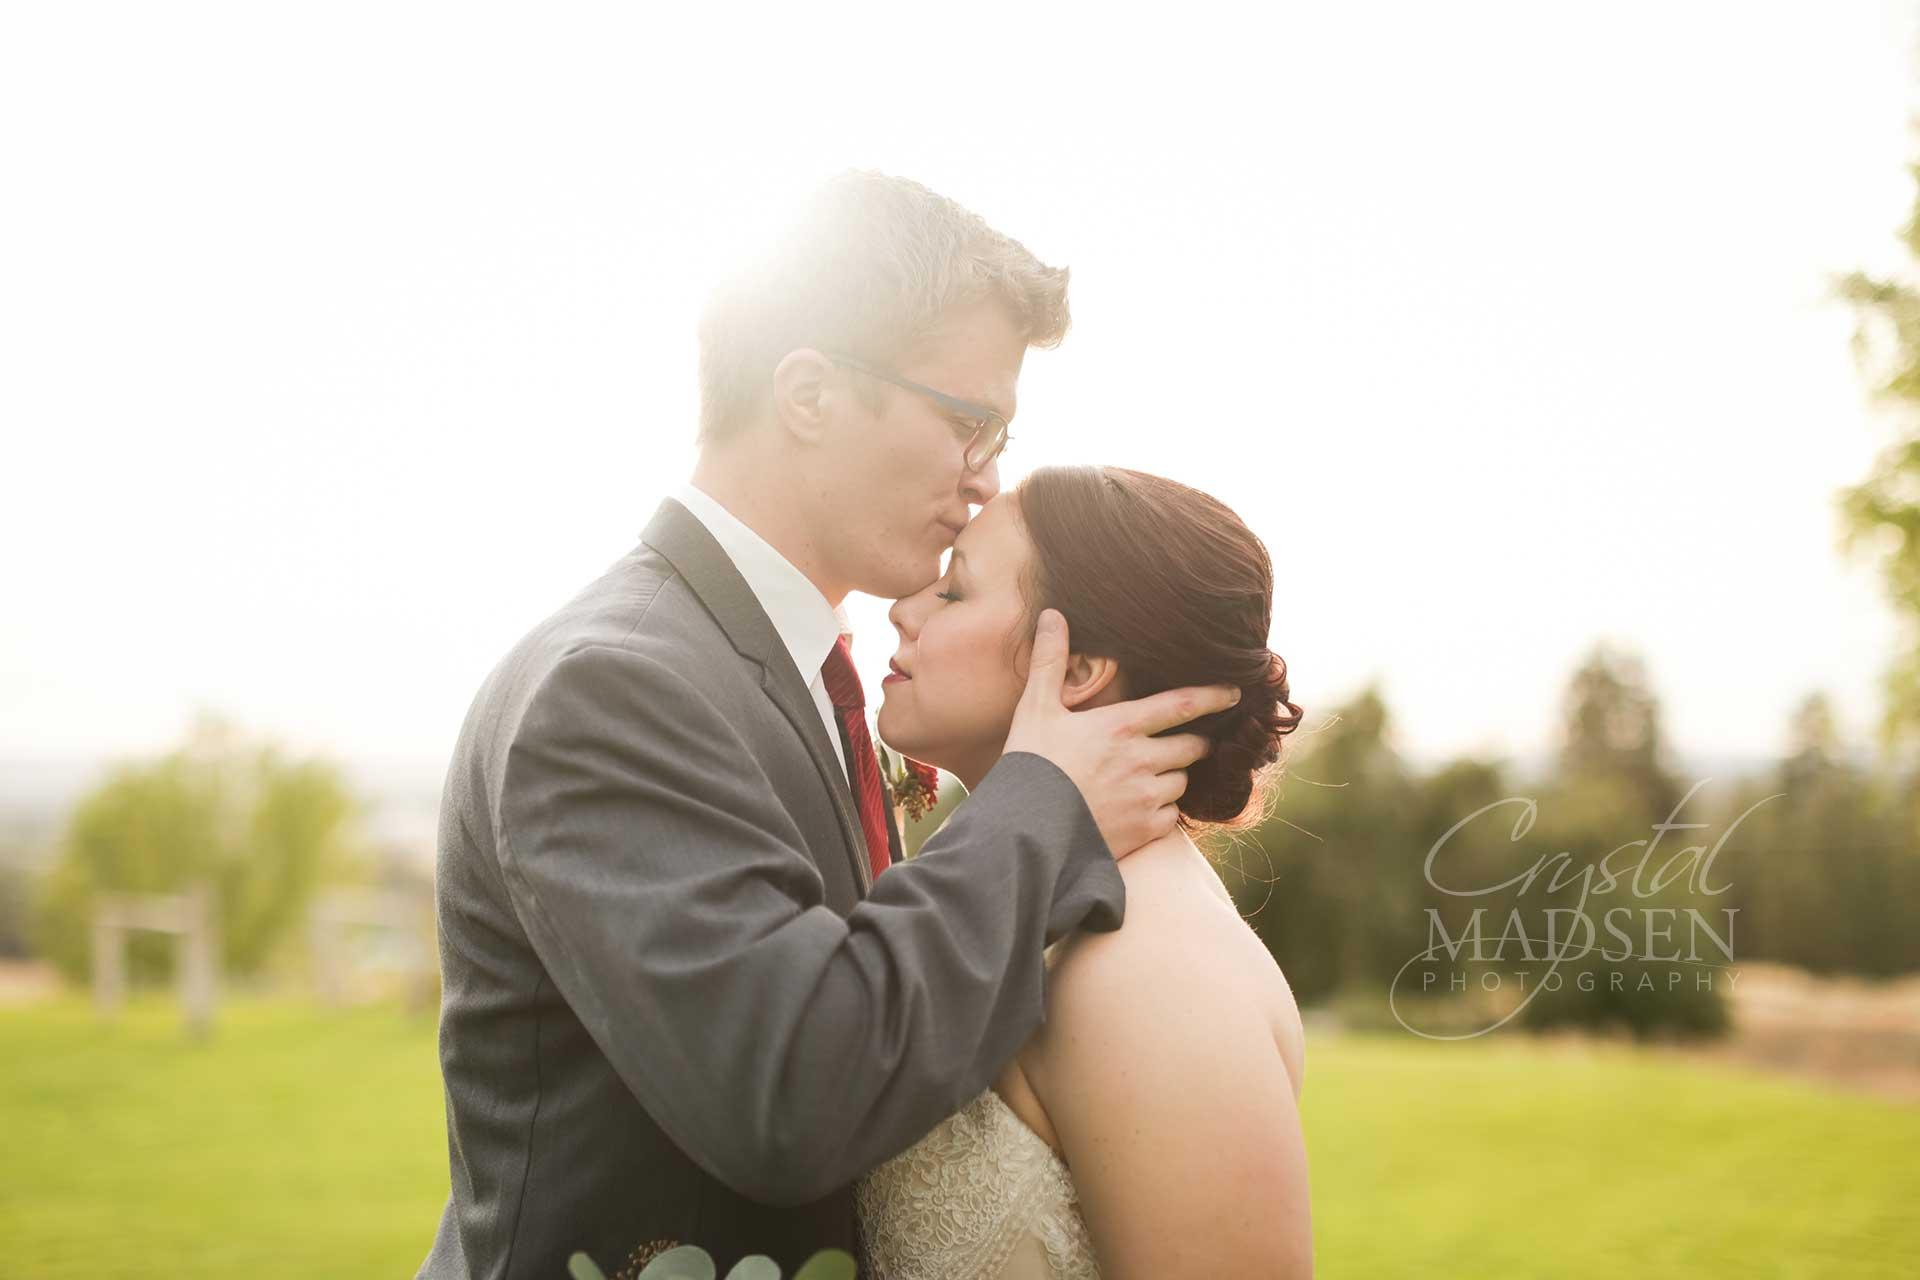 Sunny wedding photo